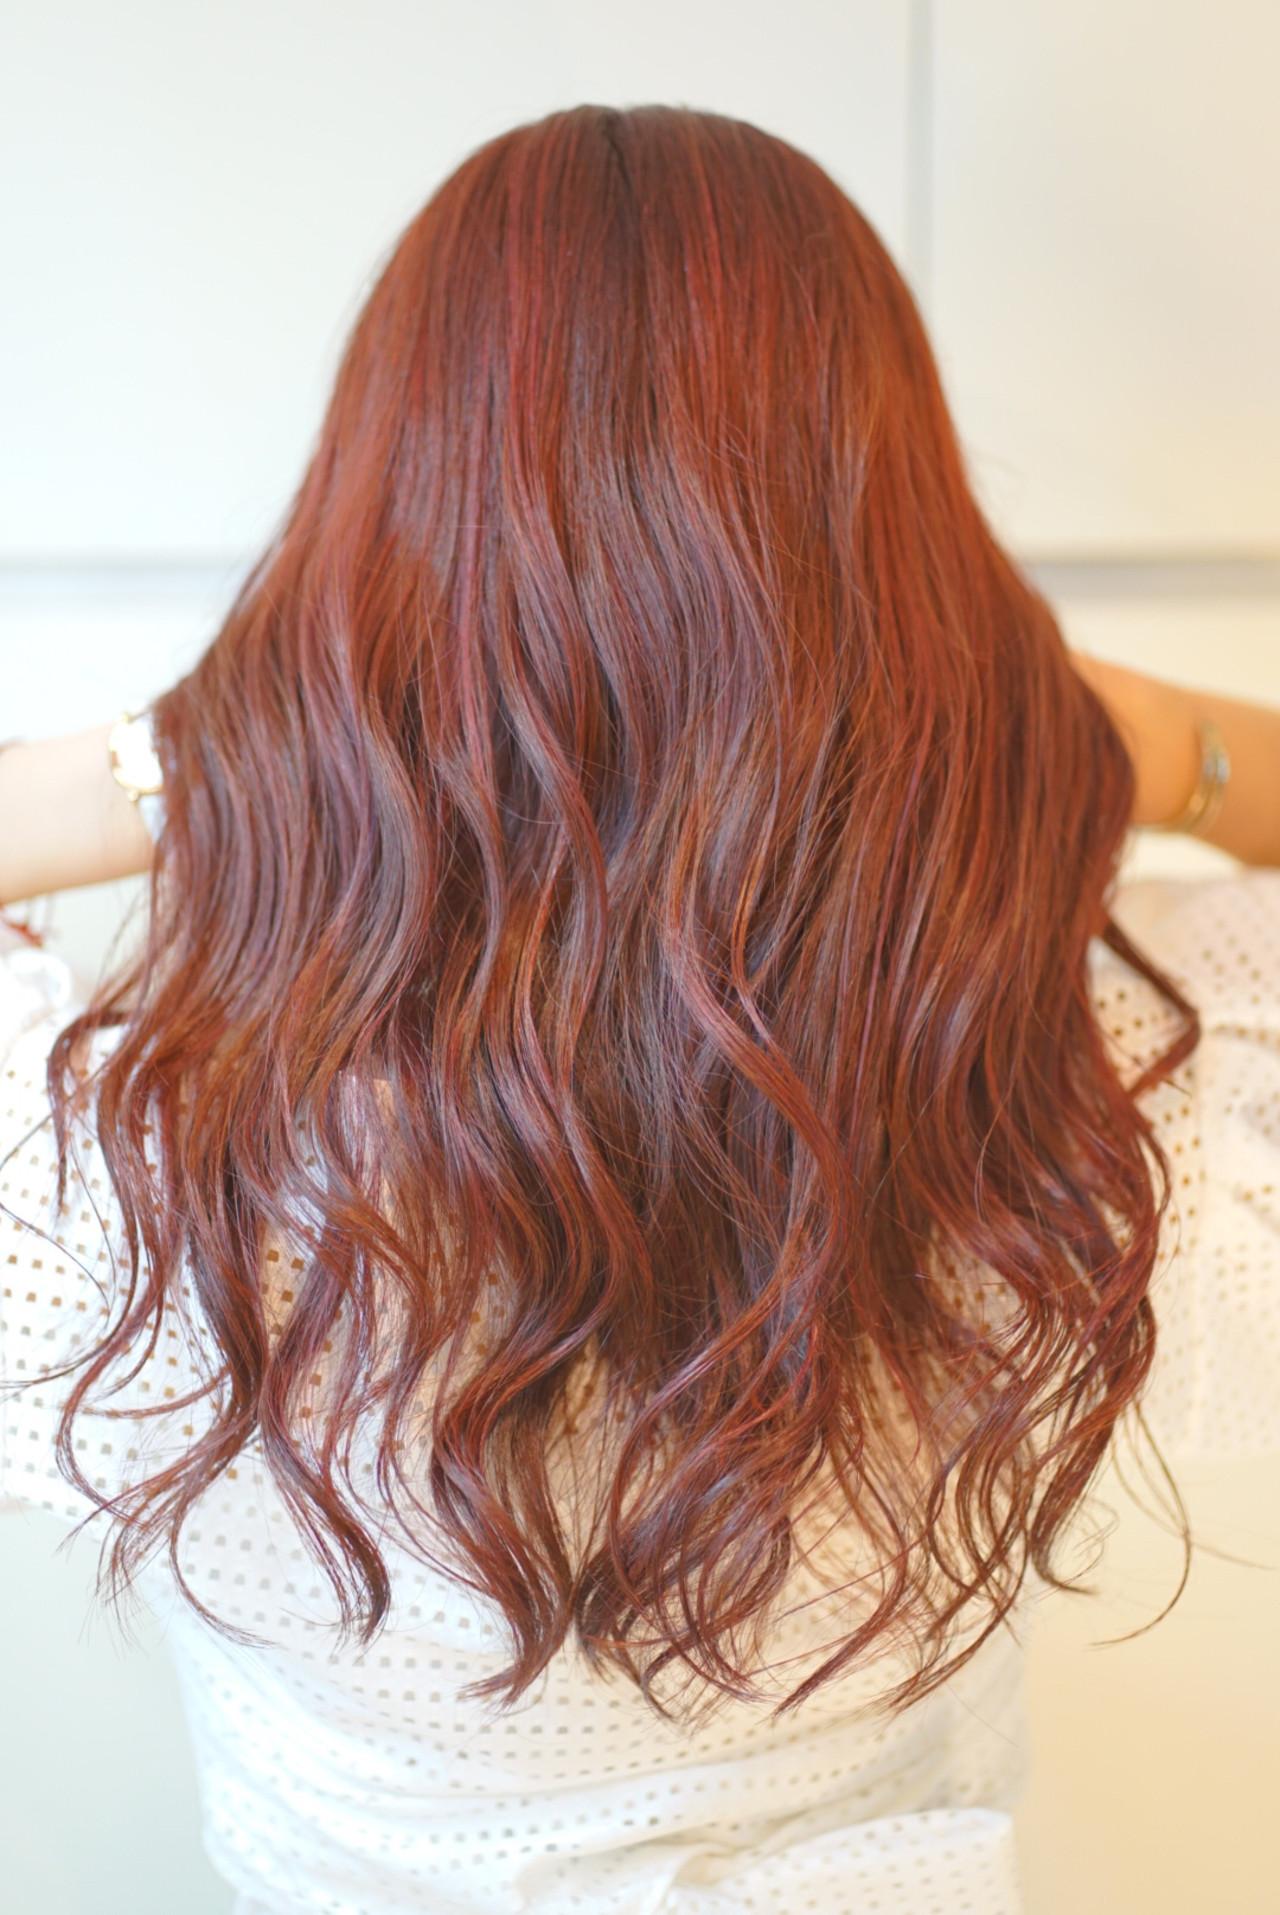 セミロング ガーリー 秋ブラウン ピンク ヘアスタイルや髪型の写真・画像